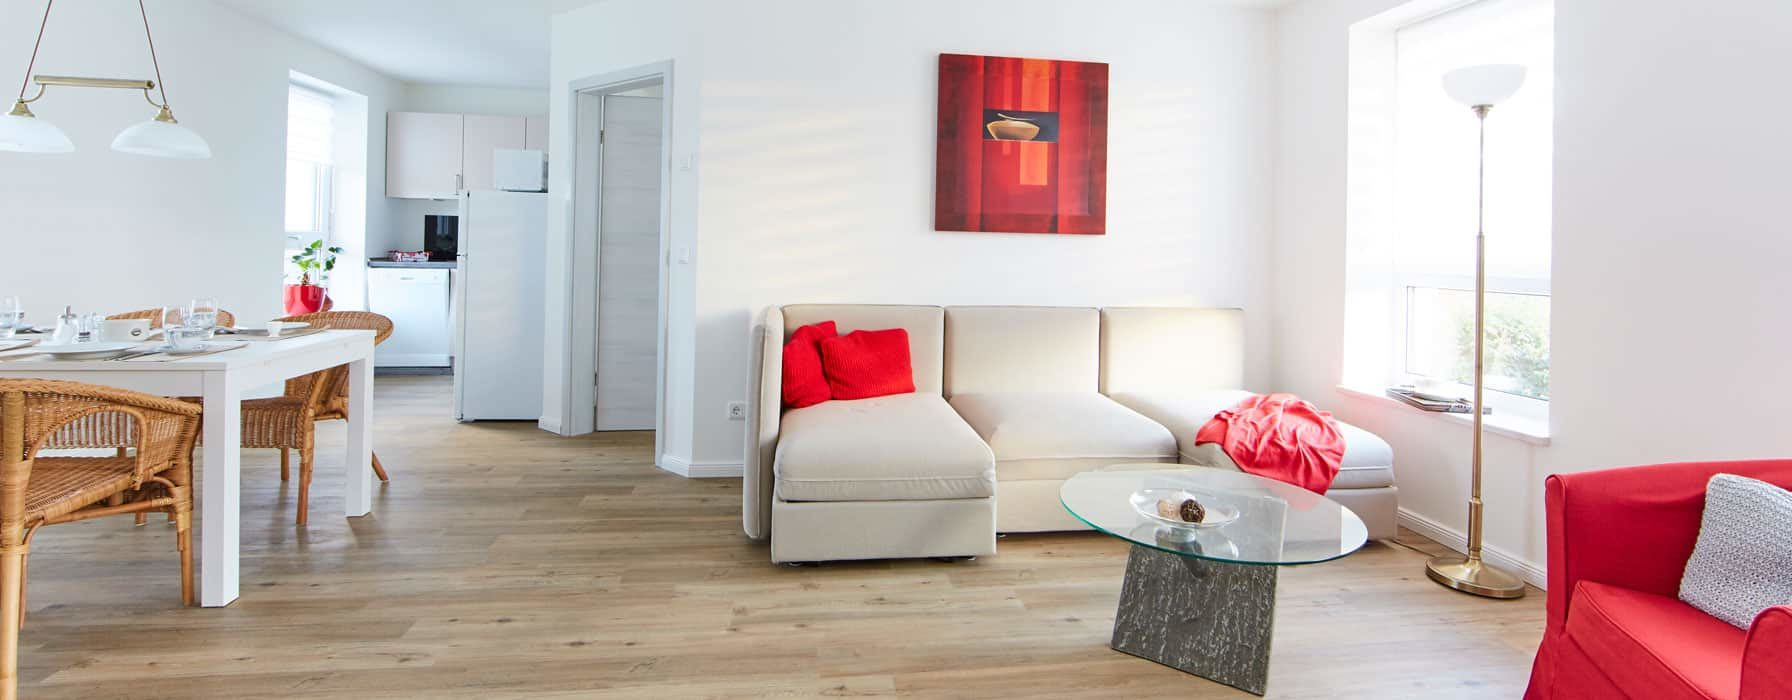 Das Wohnzimmer mit Essbereich und einer offenen Küche.